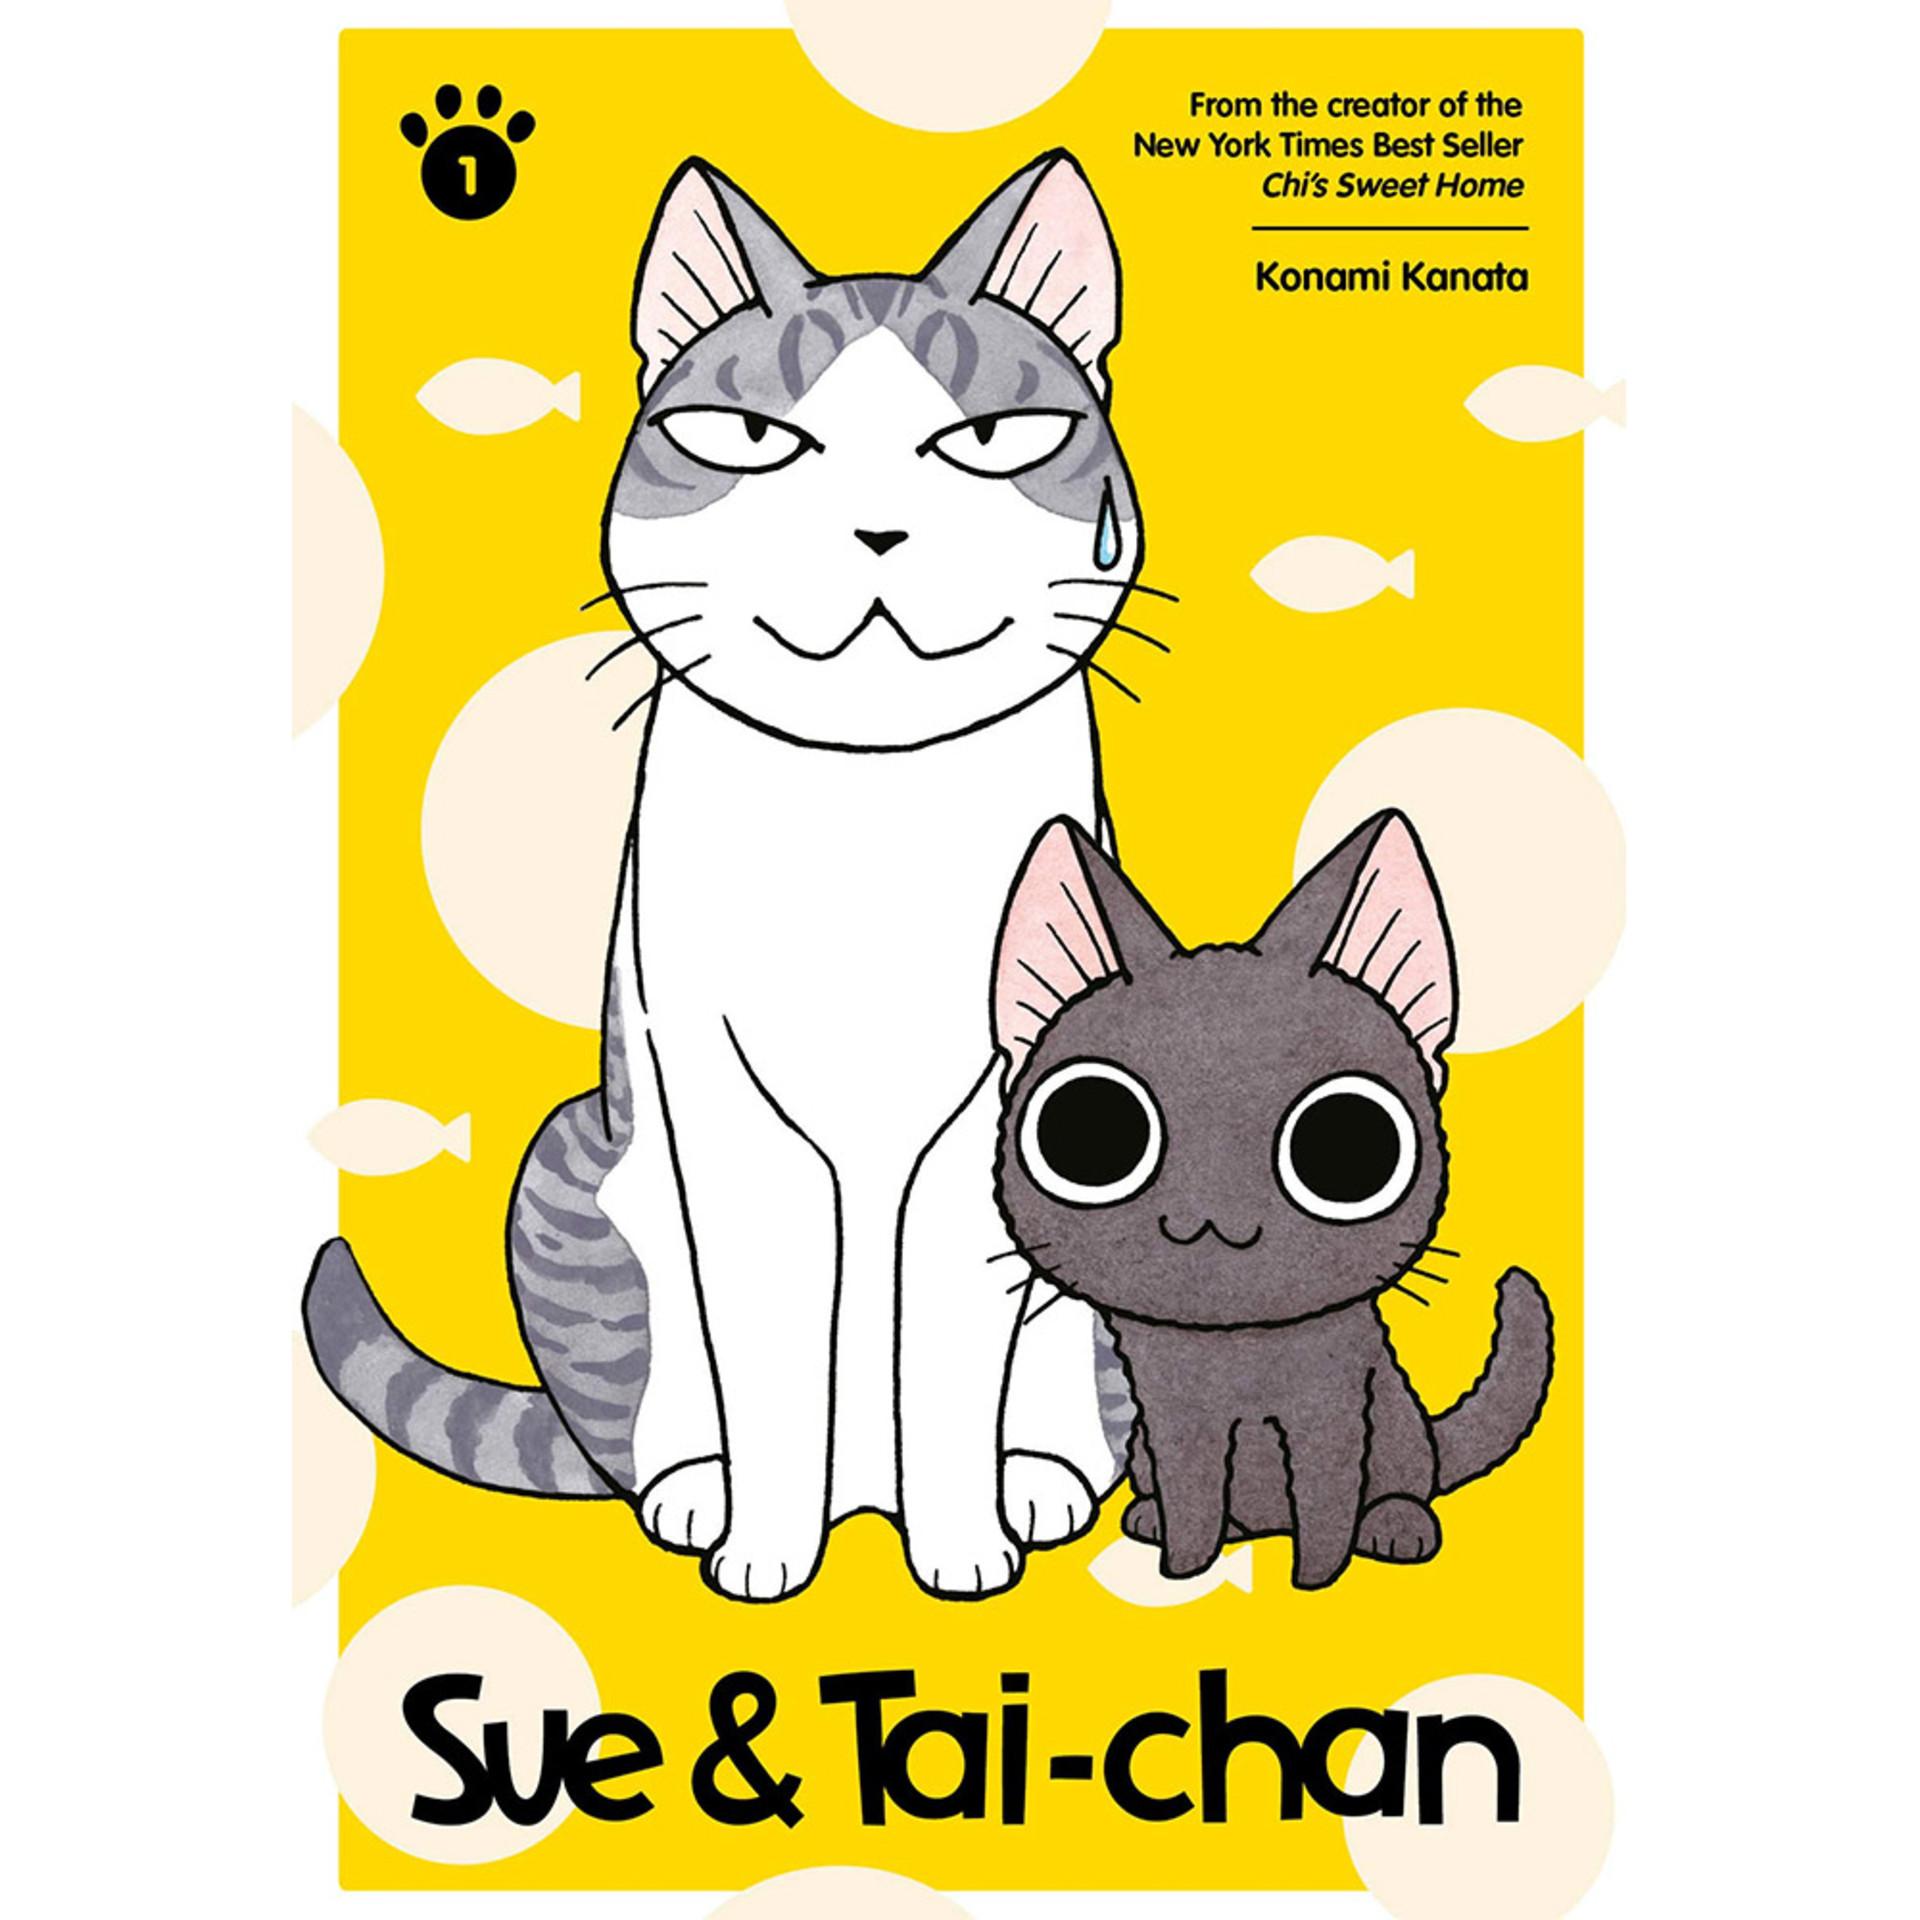 Sue & Tai-chan by Konami Kanata